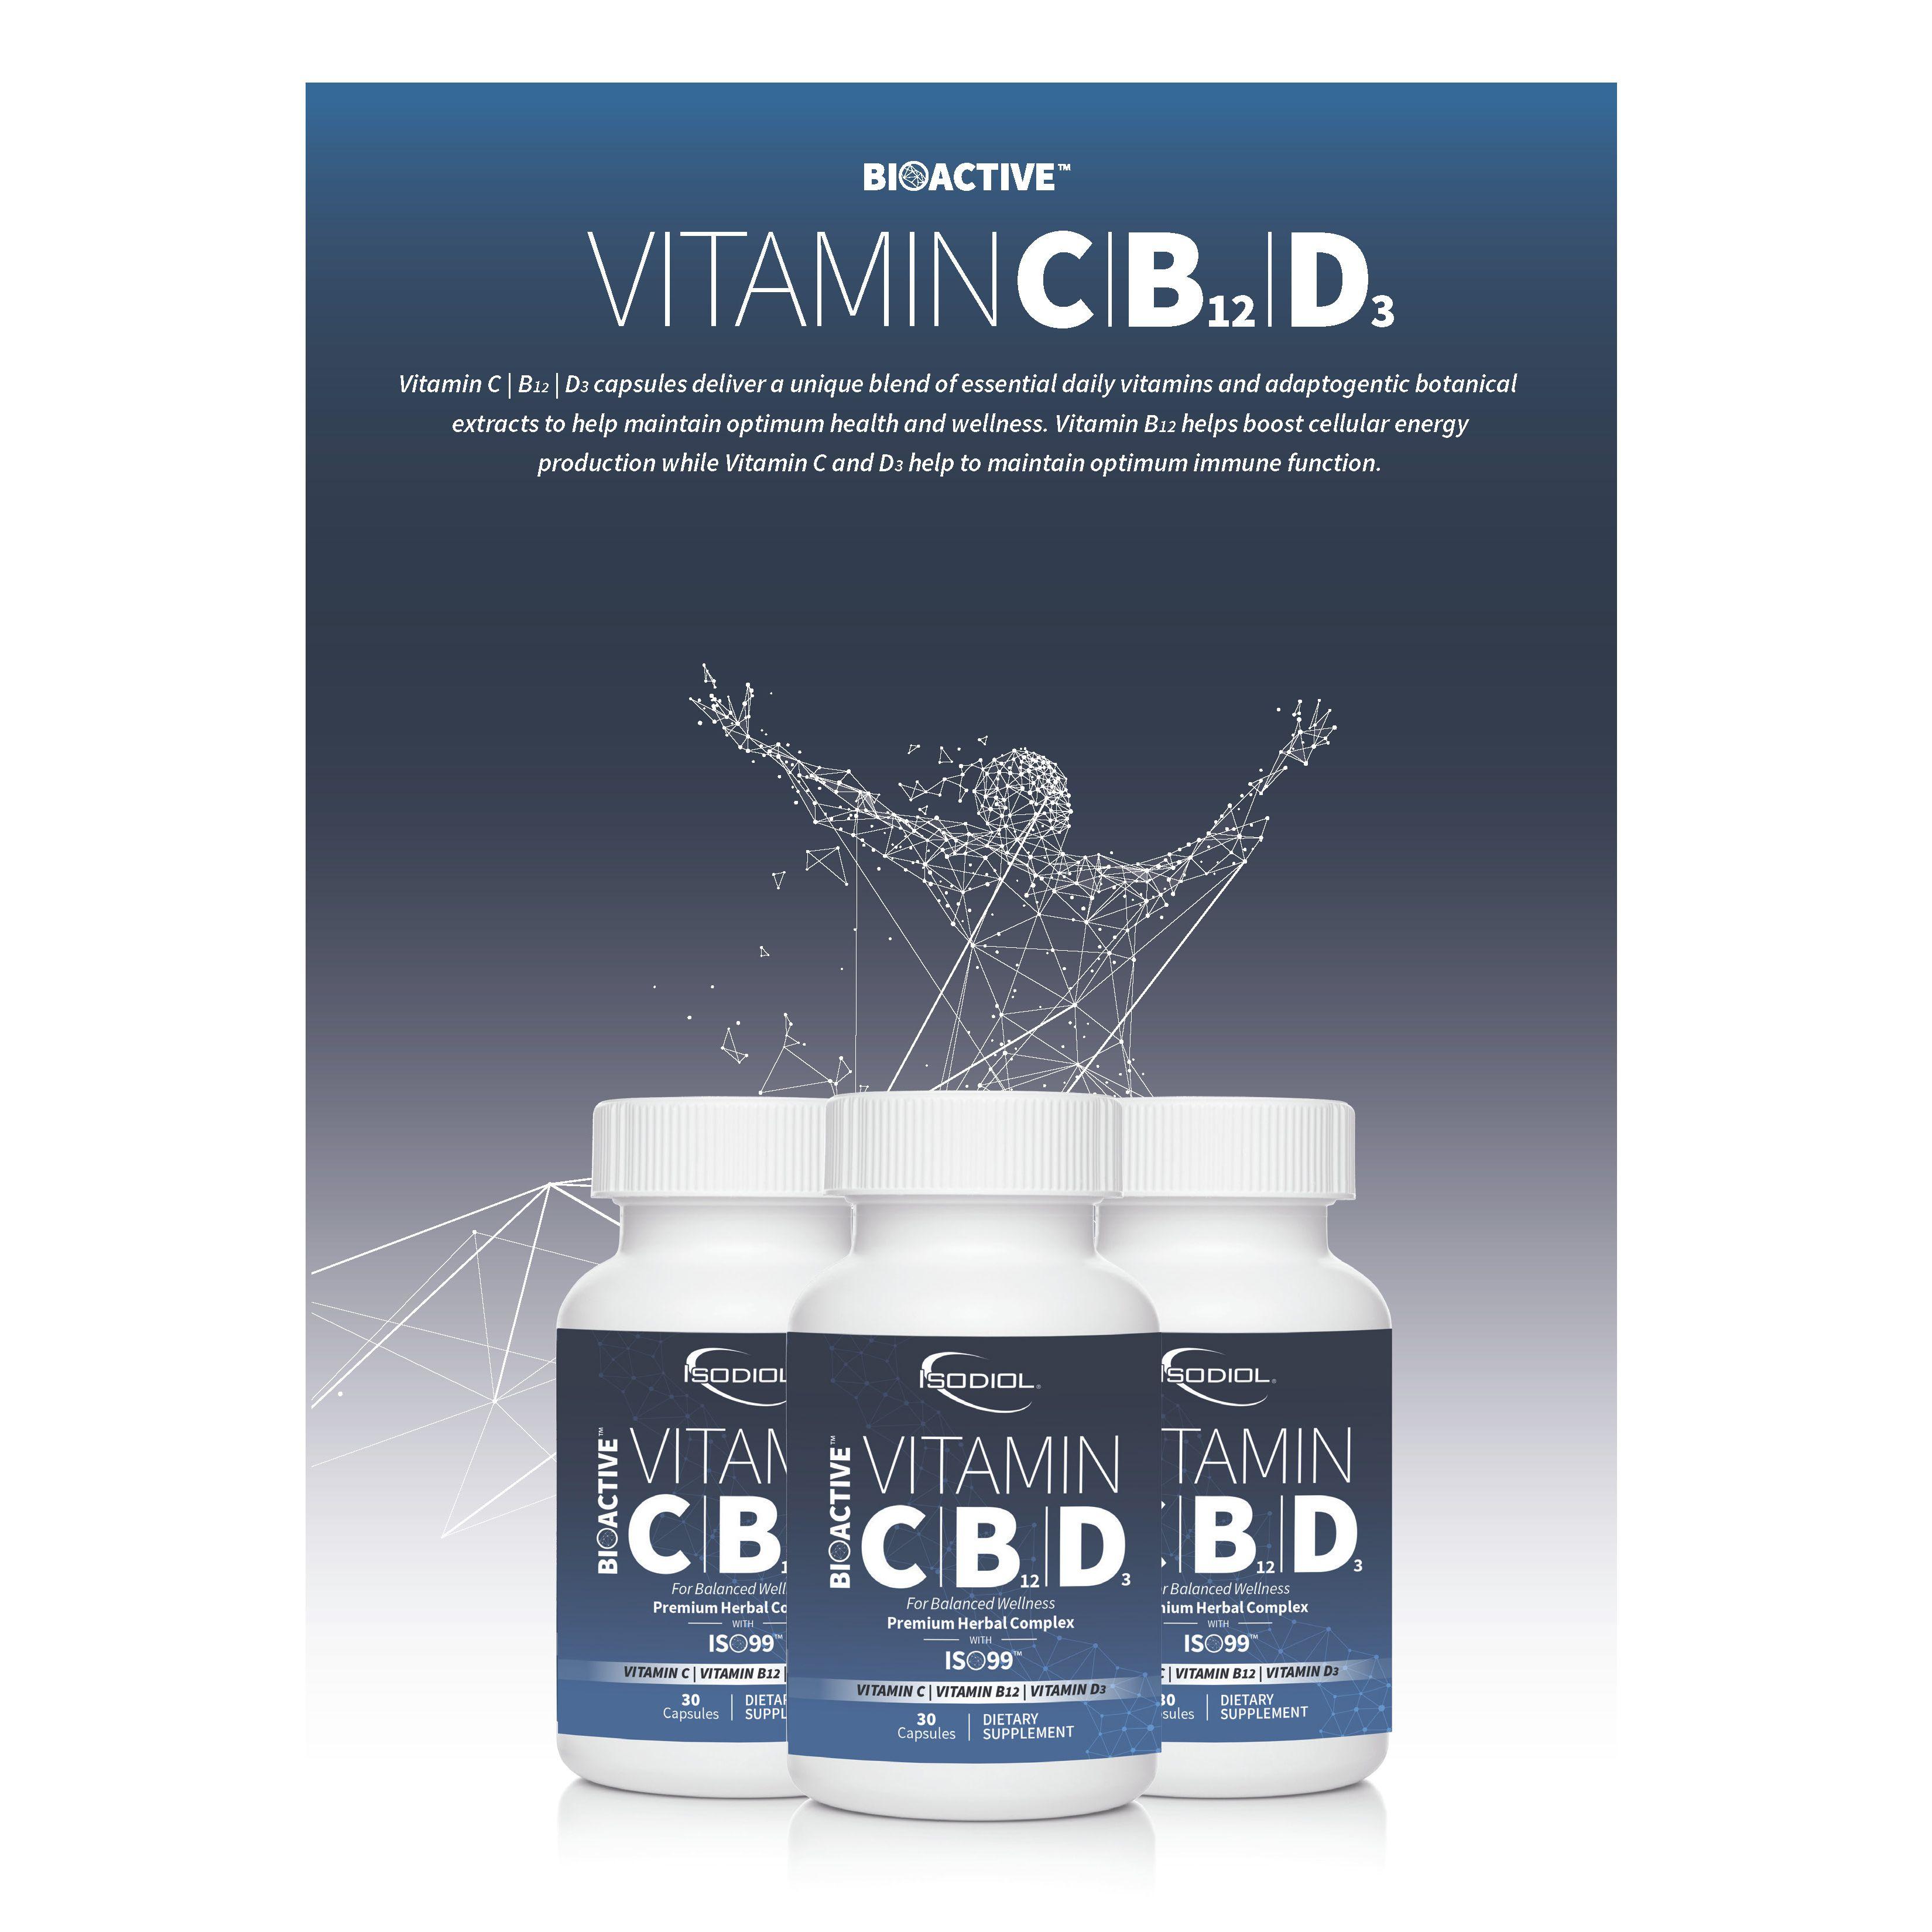 Bioactive Vitamin Caps